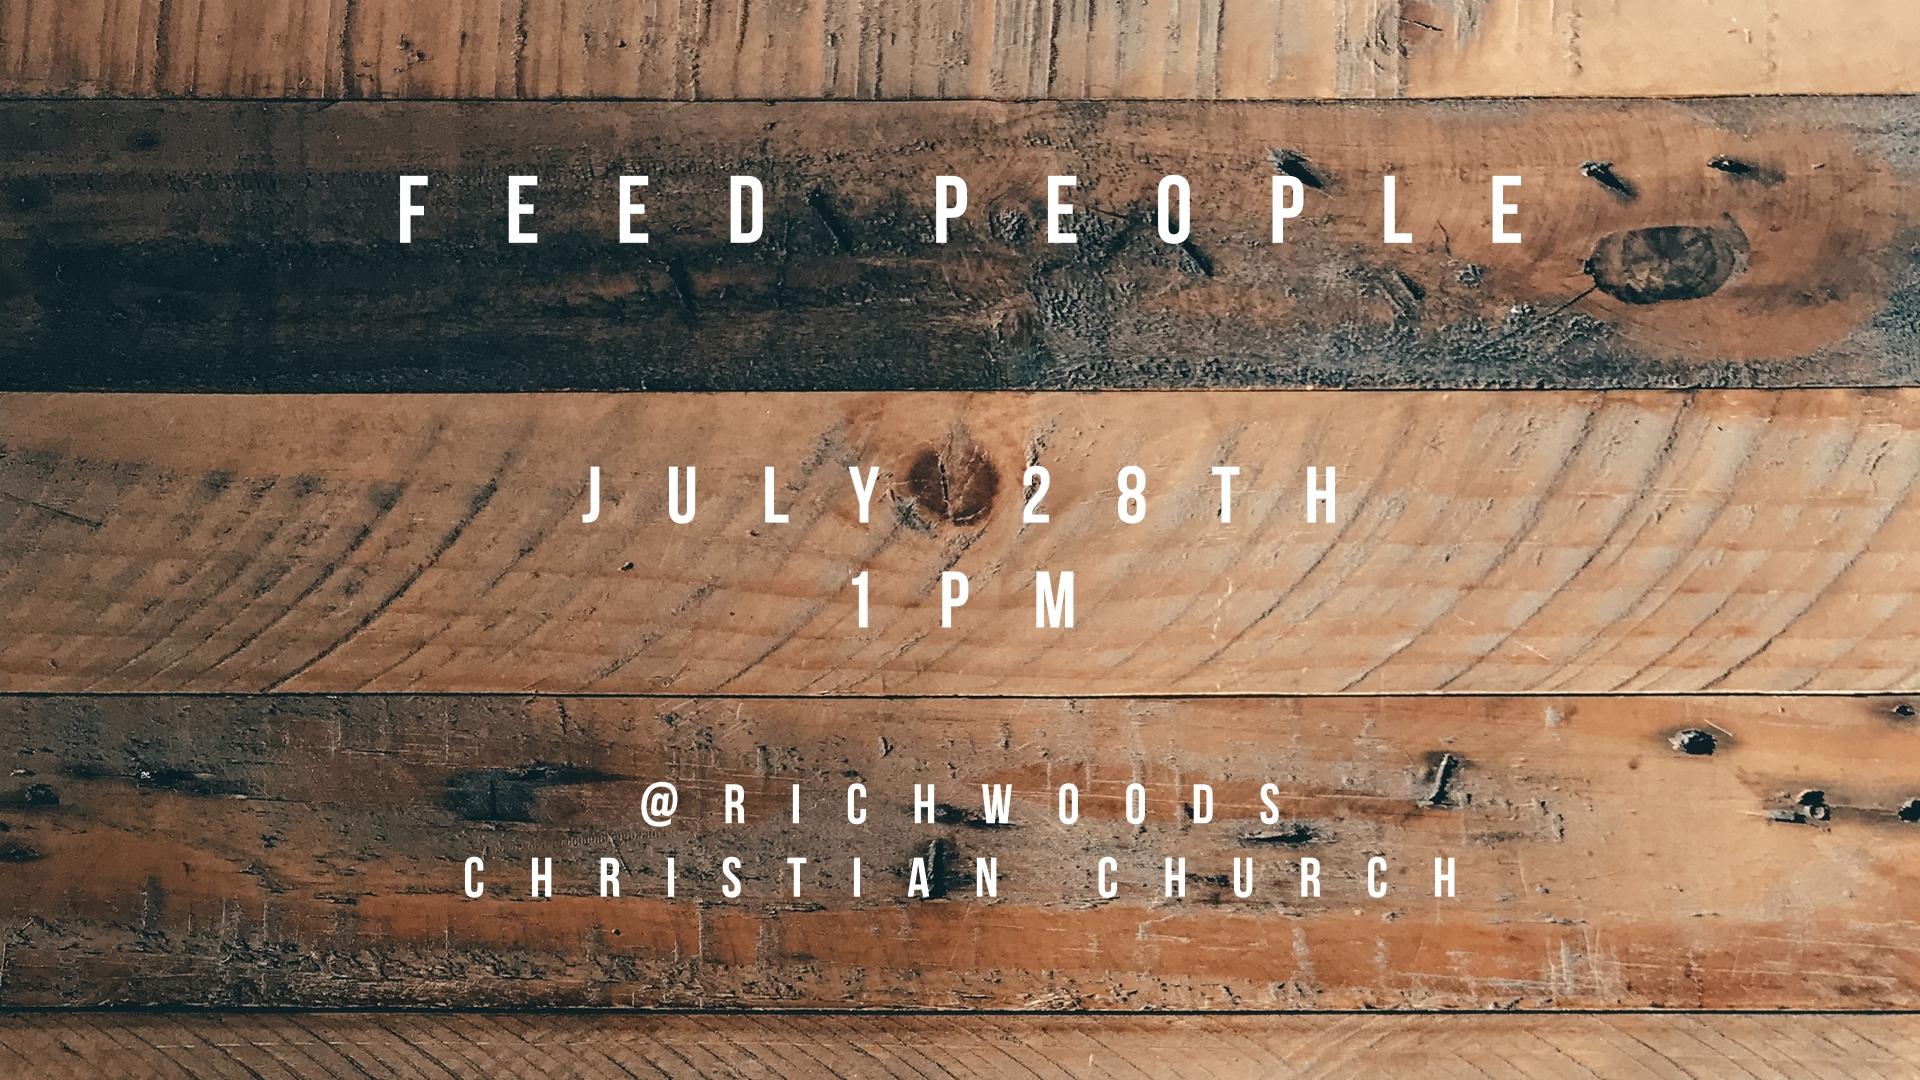 Feed_People.jpg